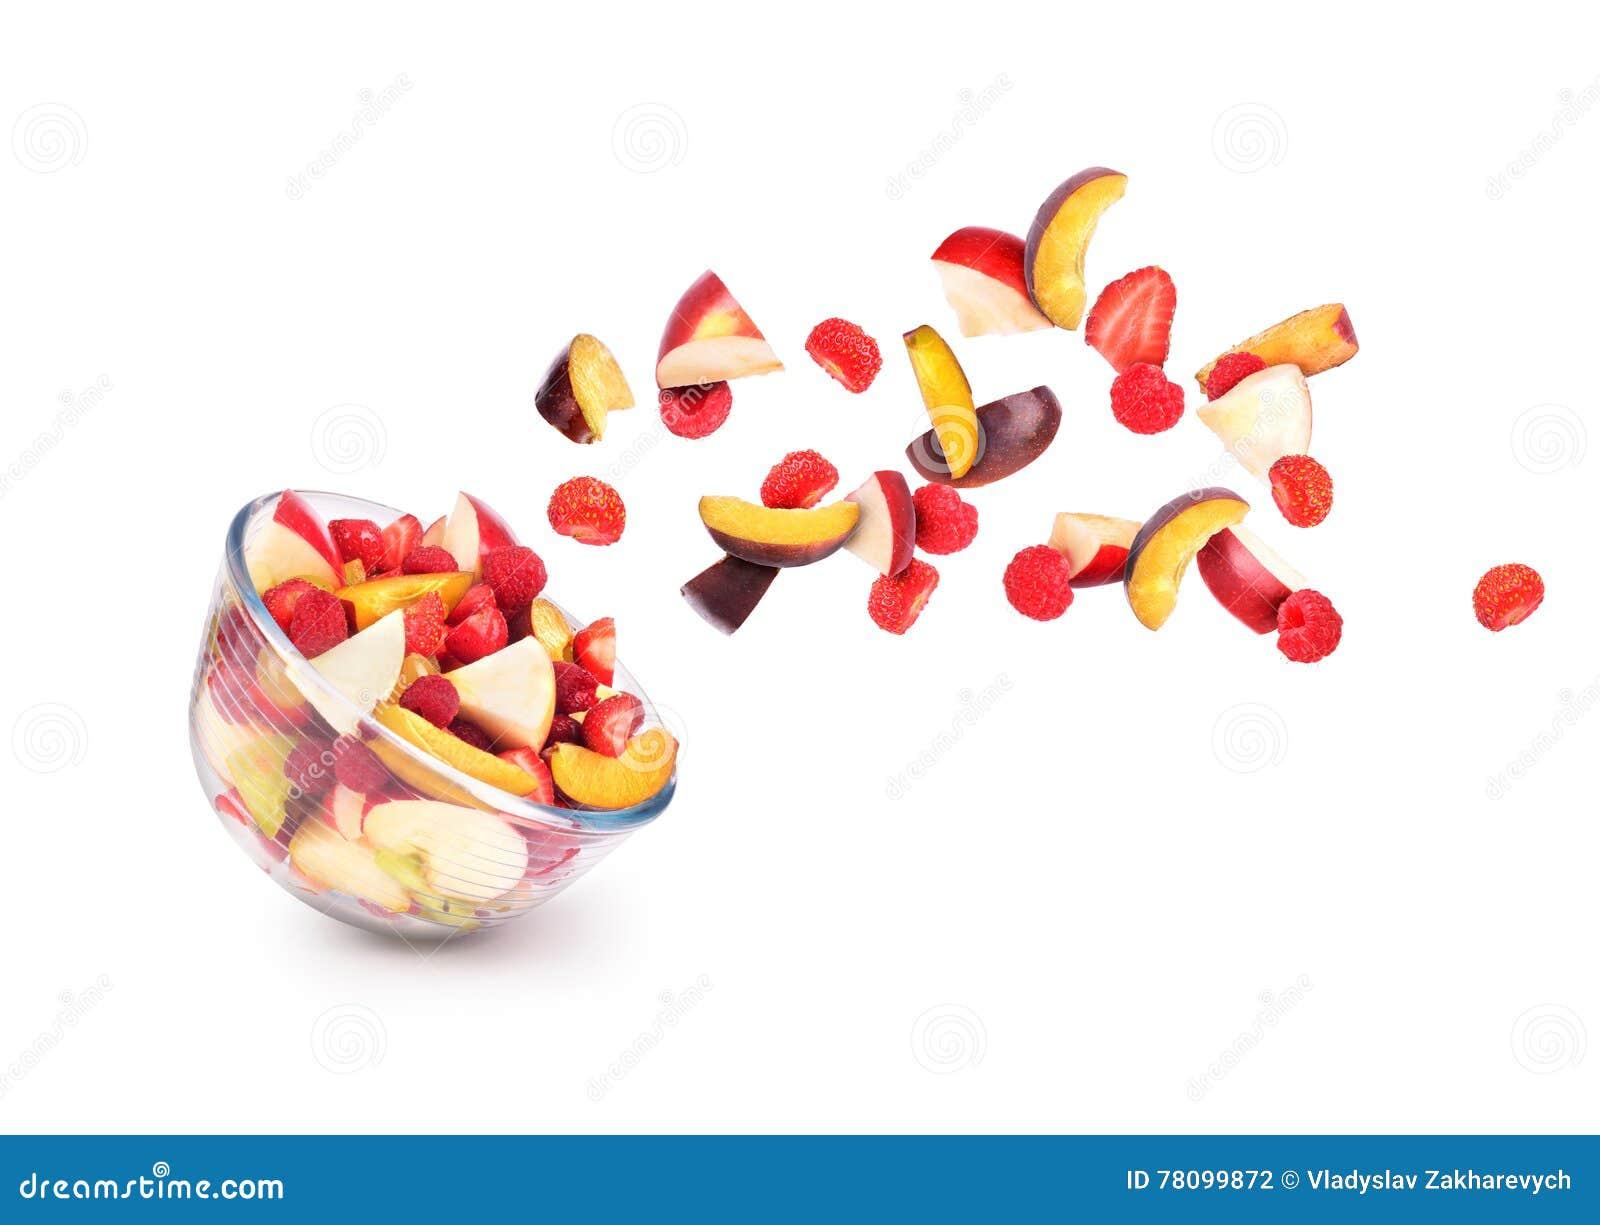 Verse vruchten die uit uit een kom komen